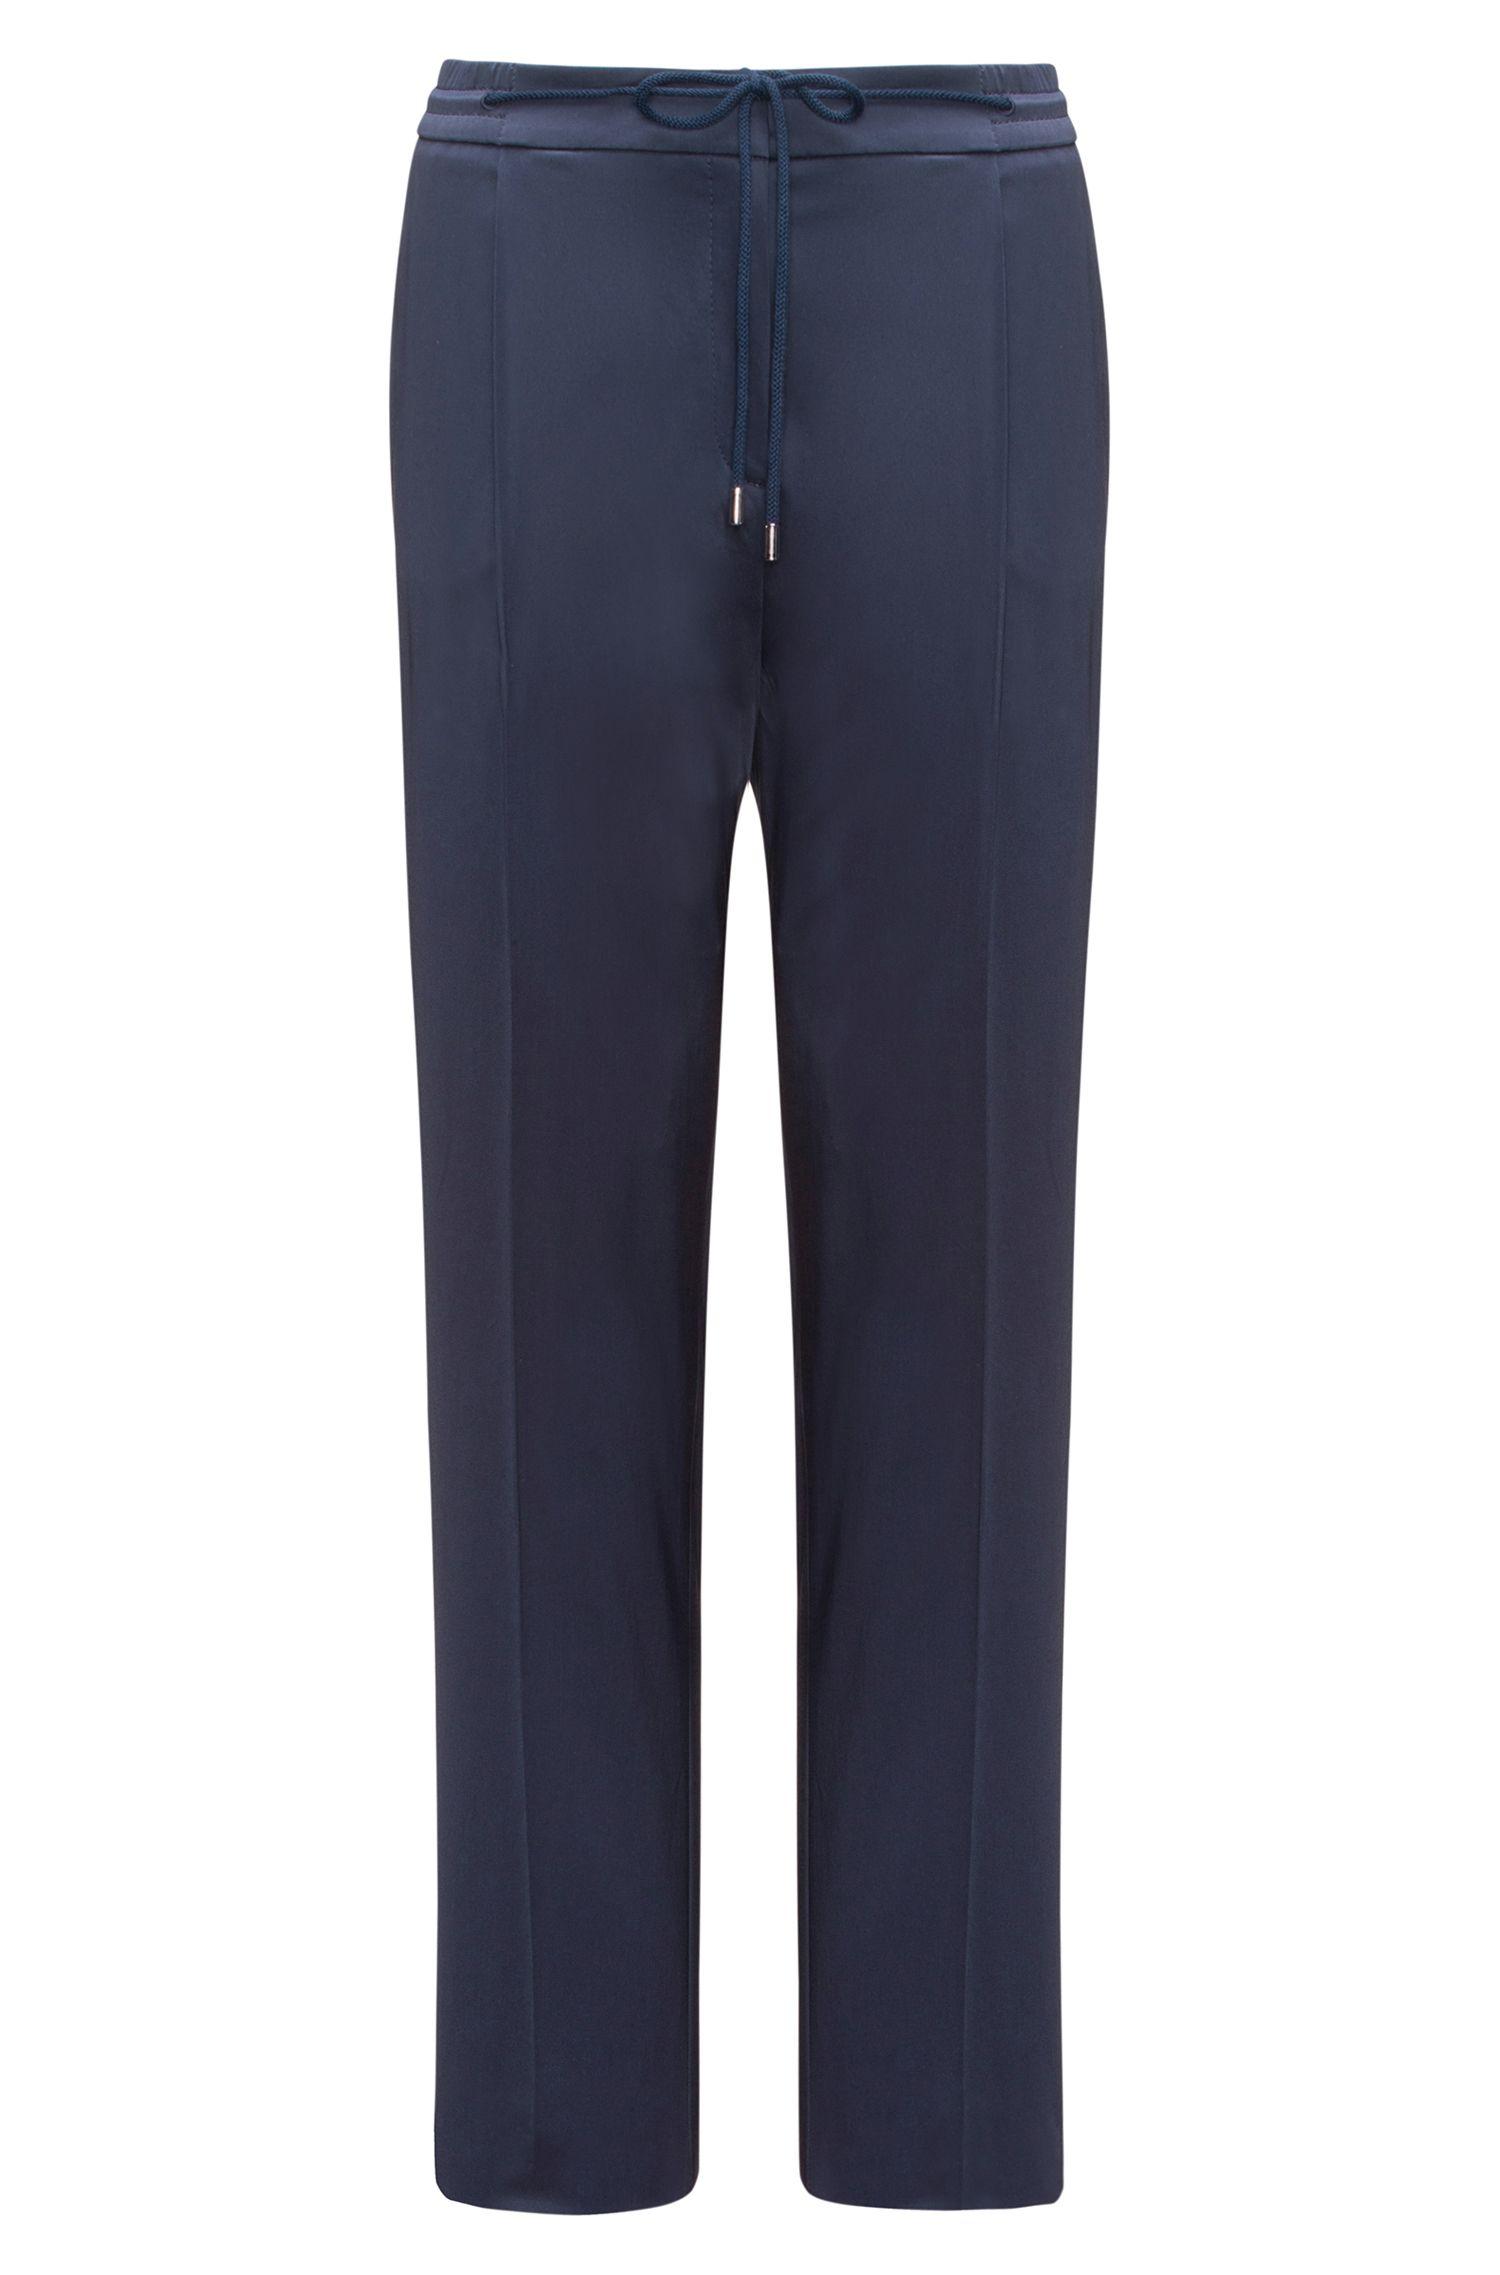 Pantalon Relaxed Fit habillé, en coton stretch